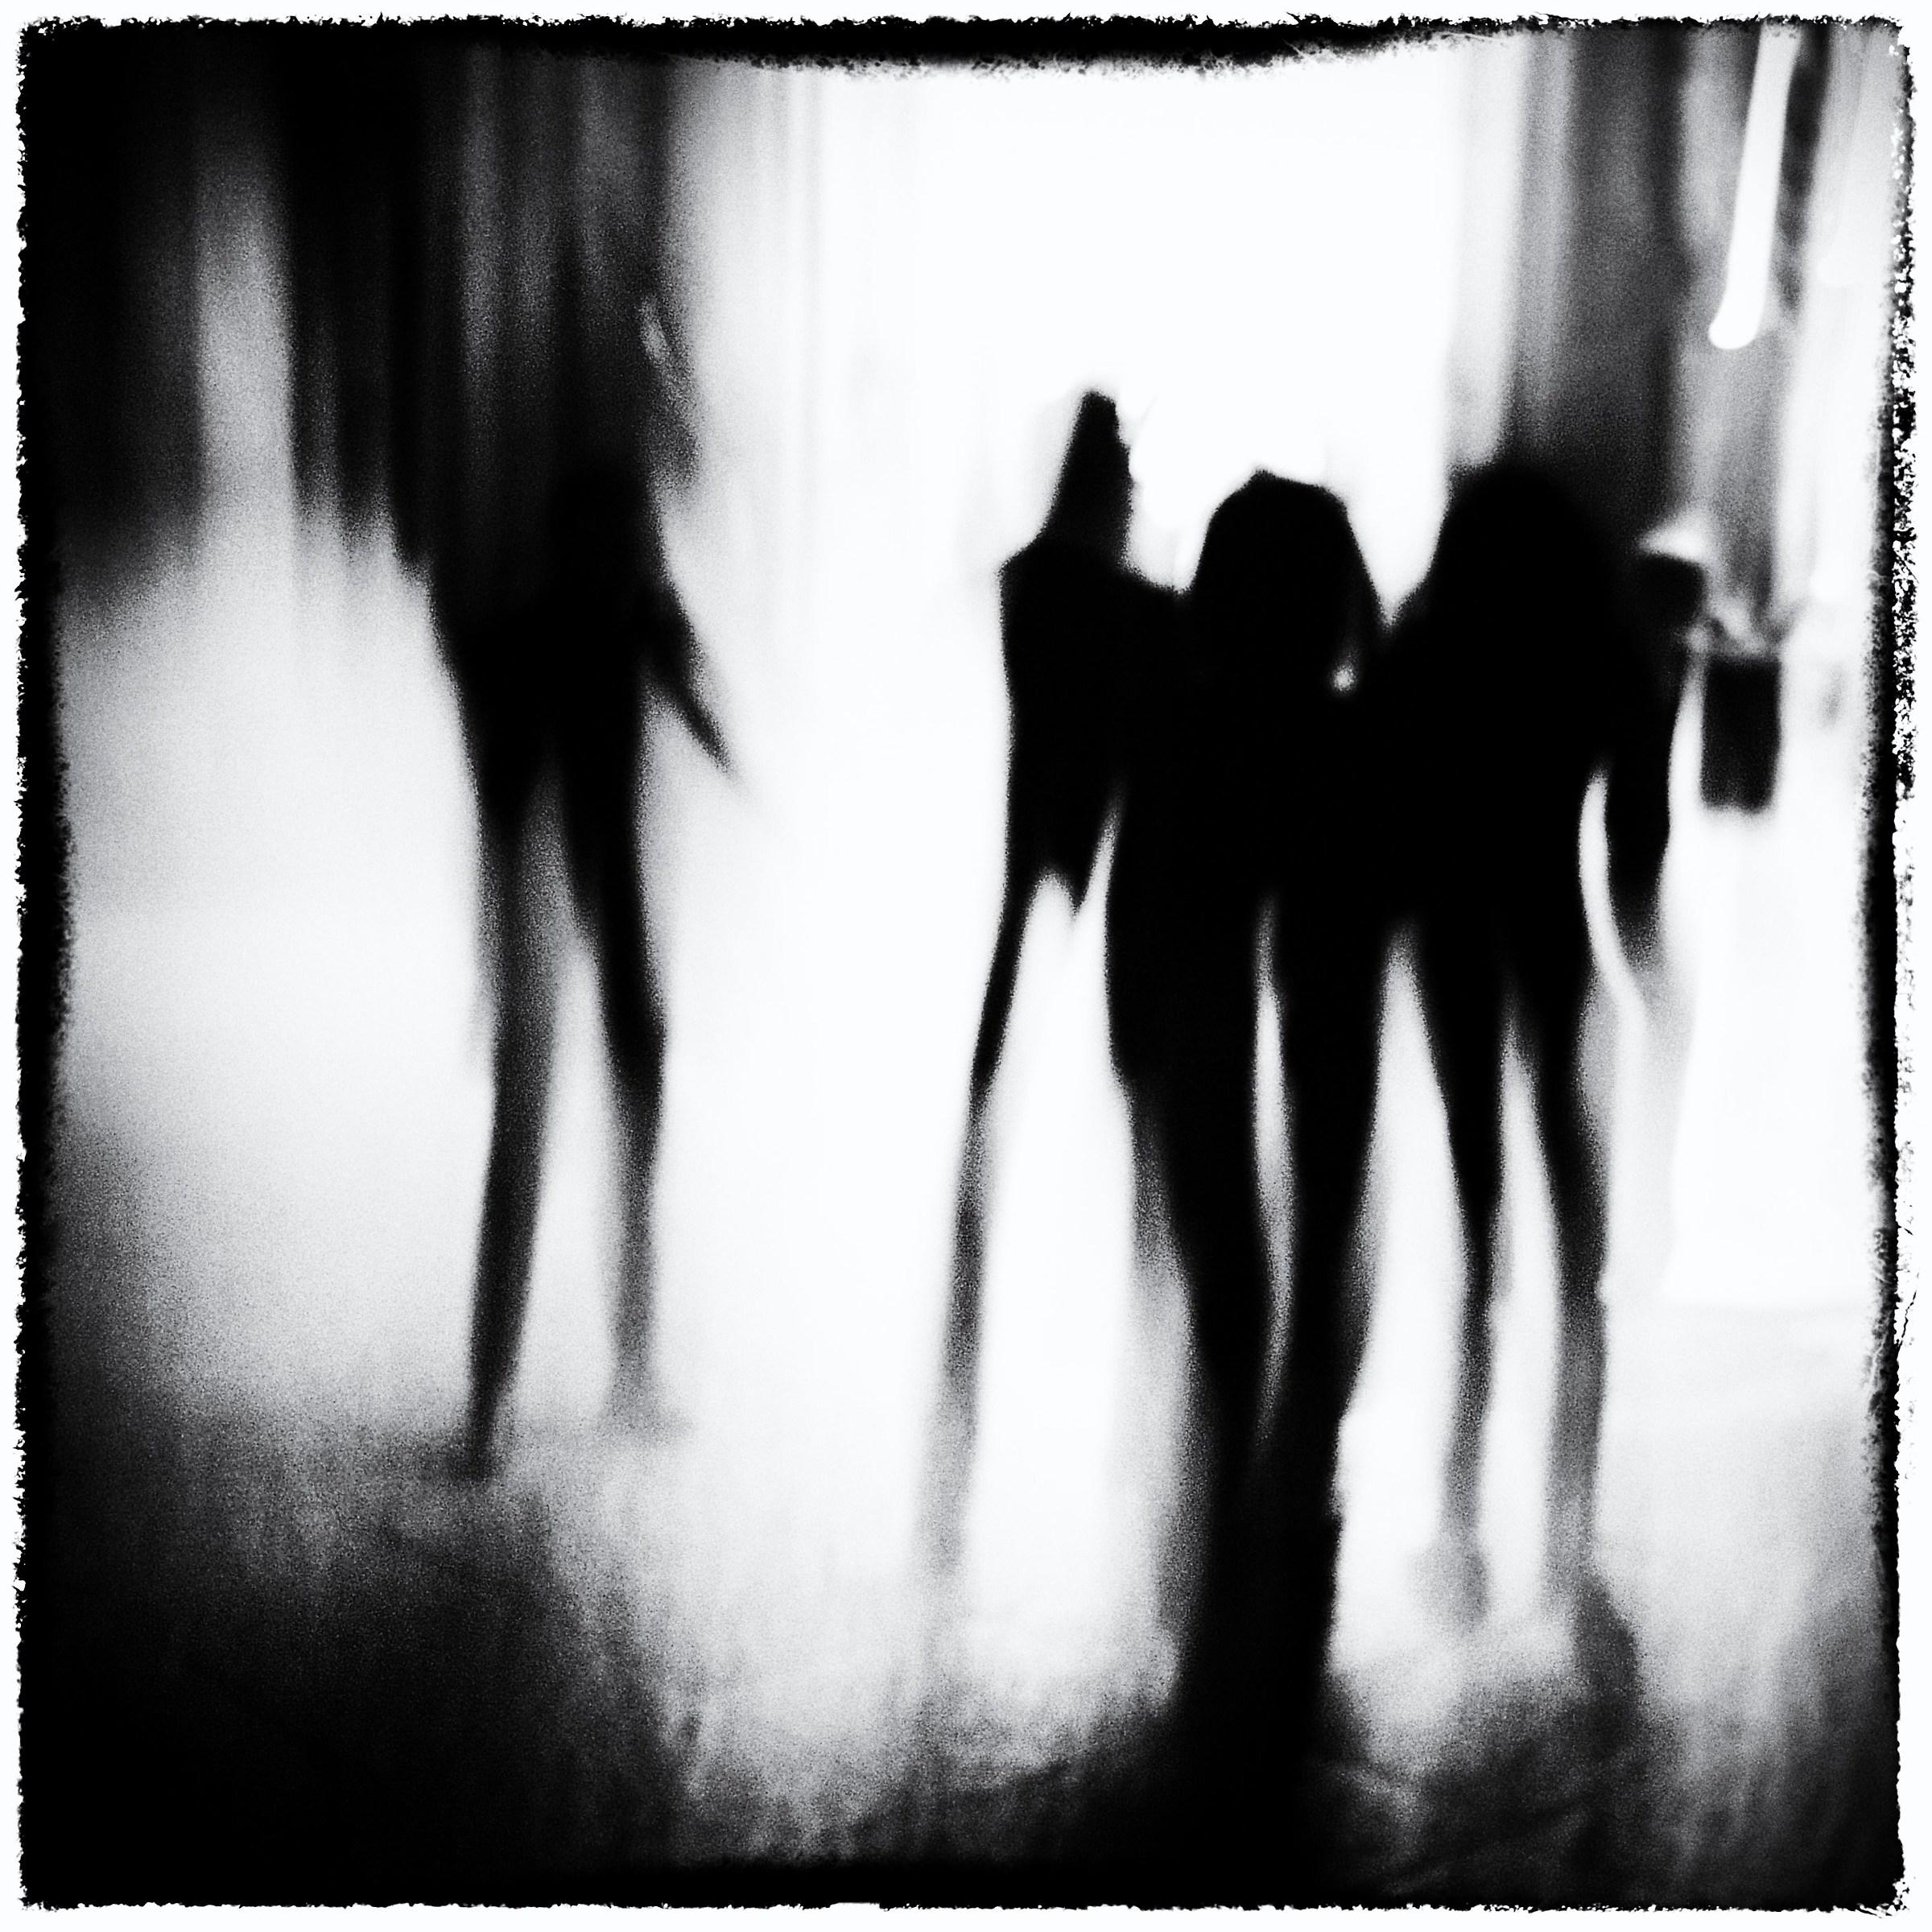 tormented souls...